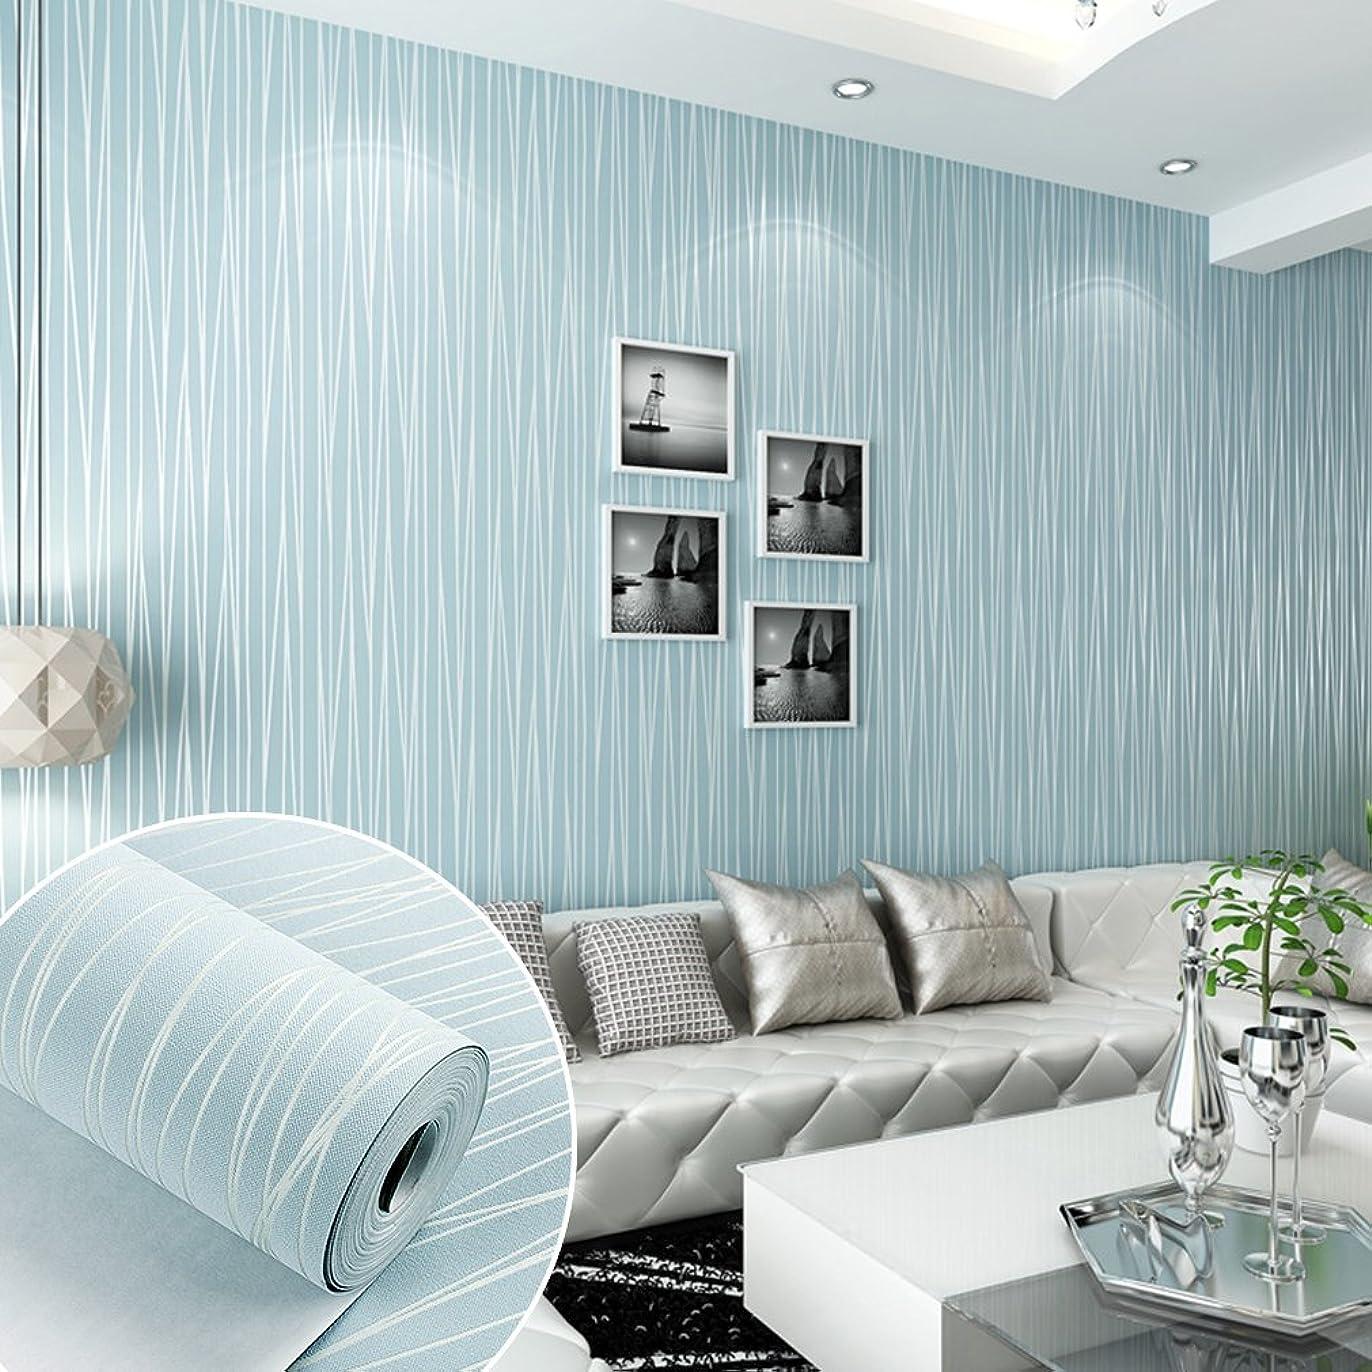 憂慮すべきとは異なり延ばすARUHE DIY 3D立体 壁紙 不織布 のりなし 壁紙 シンプルなストライプ 壁紙シール 月光の森 おしゃれ ベッドルーム リビングルームの背景 55cmx10m